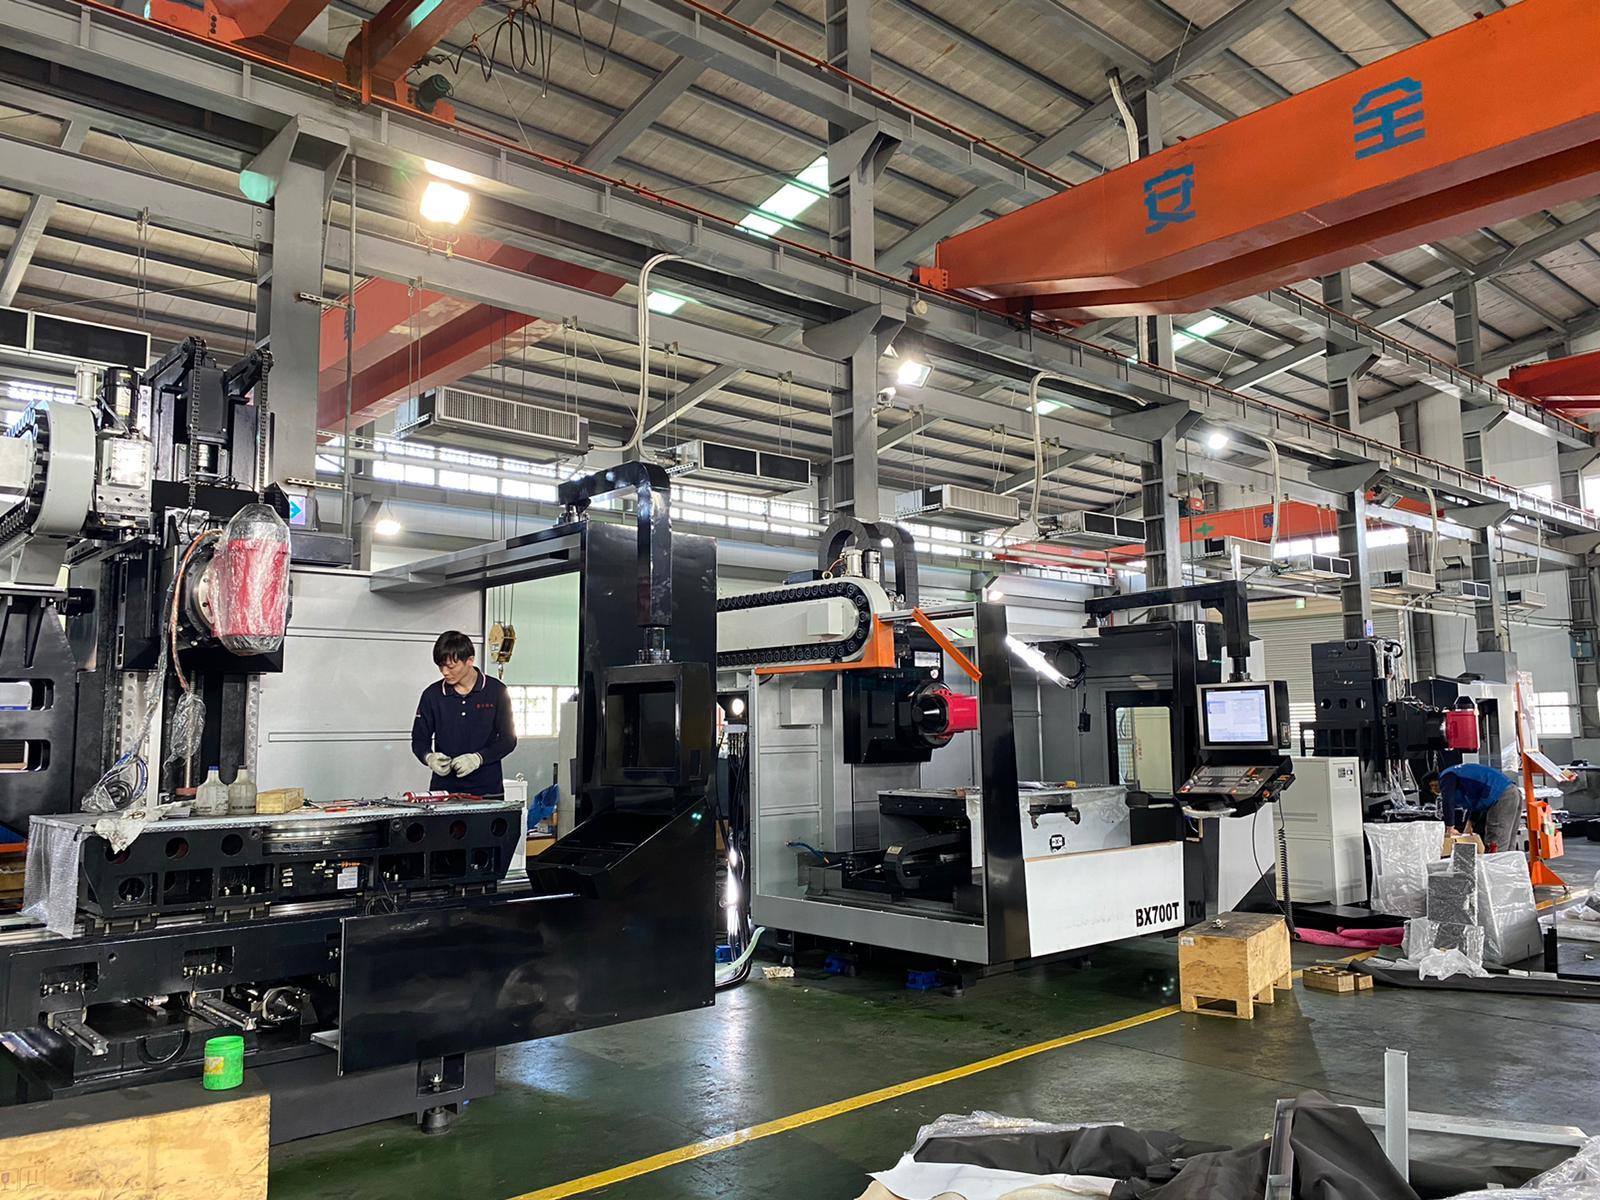 Image Pinnacle machines being built